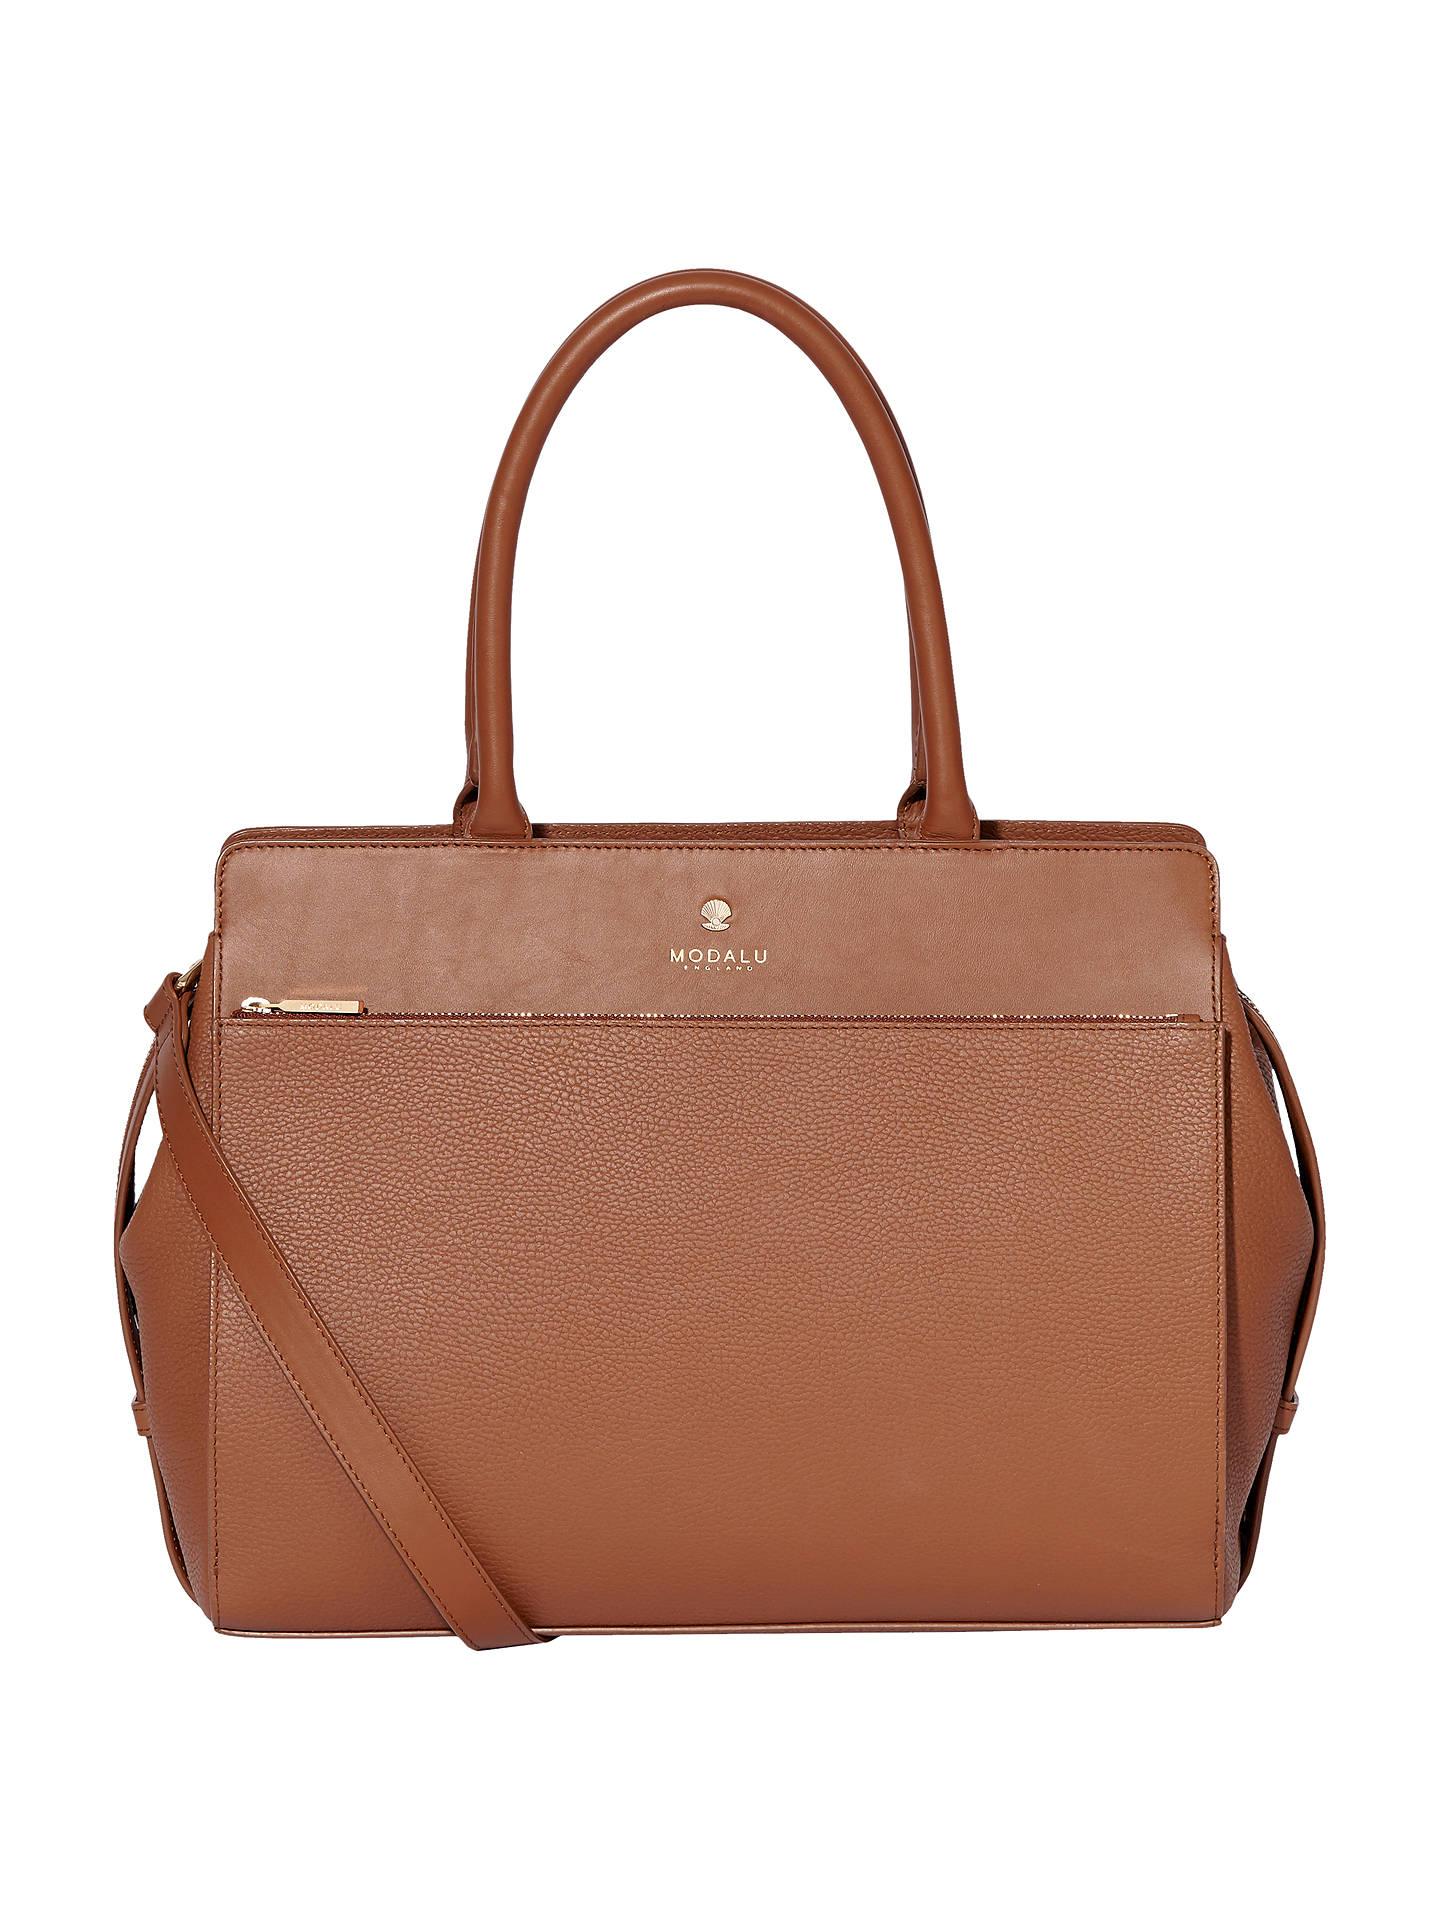 Modalu Berkeley Leather Grab Bag, Tan, Tan